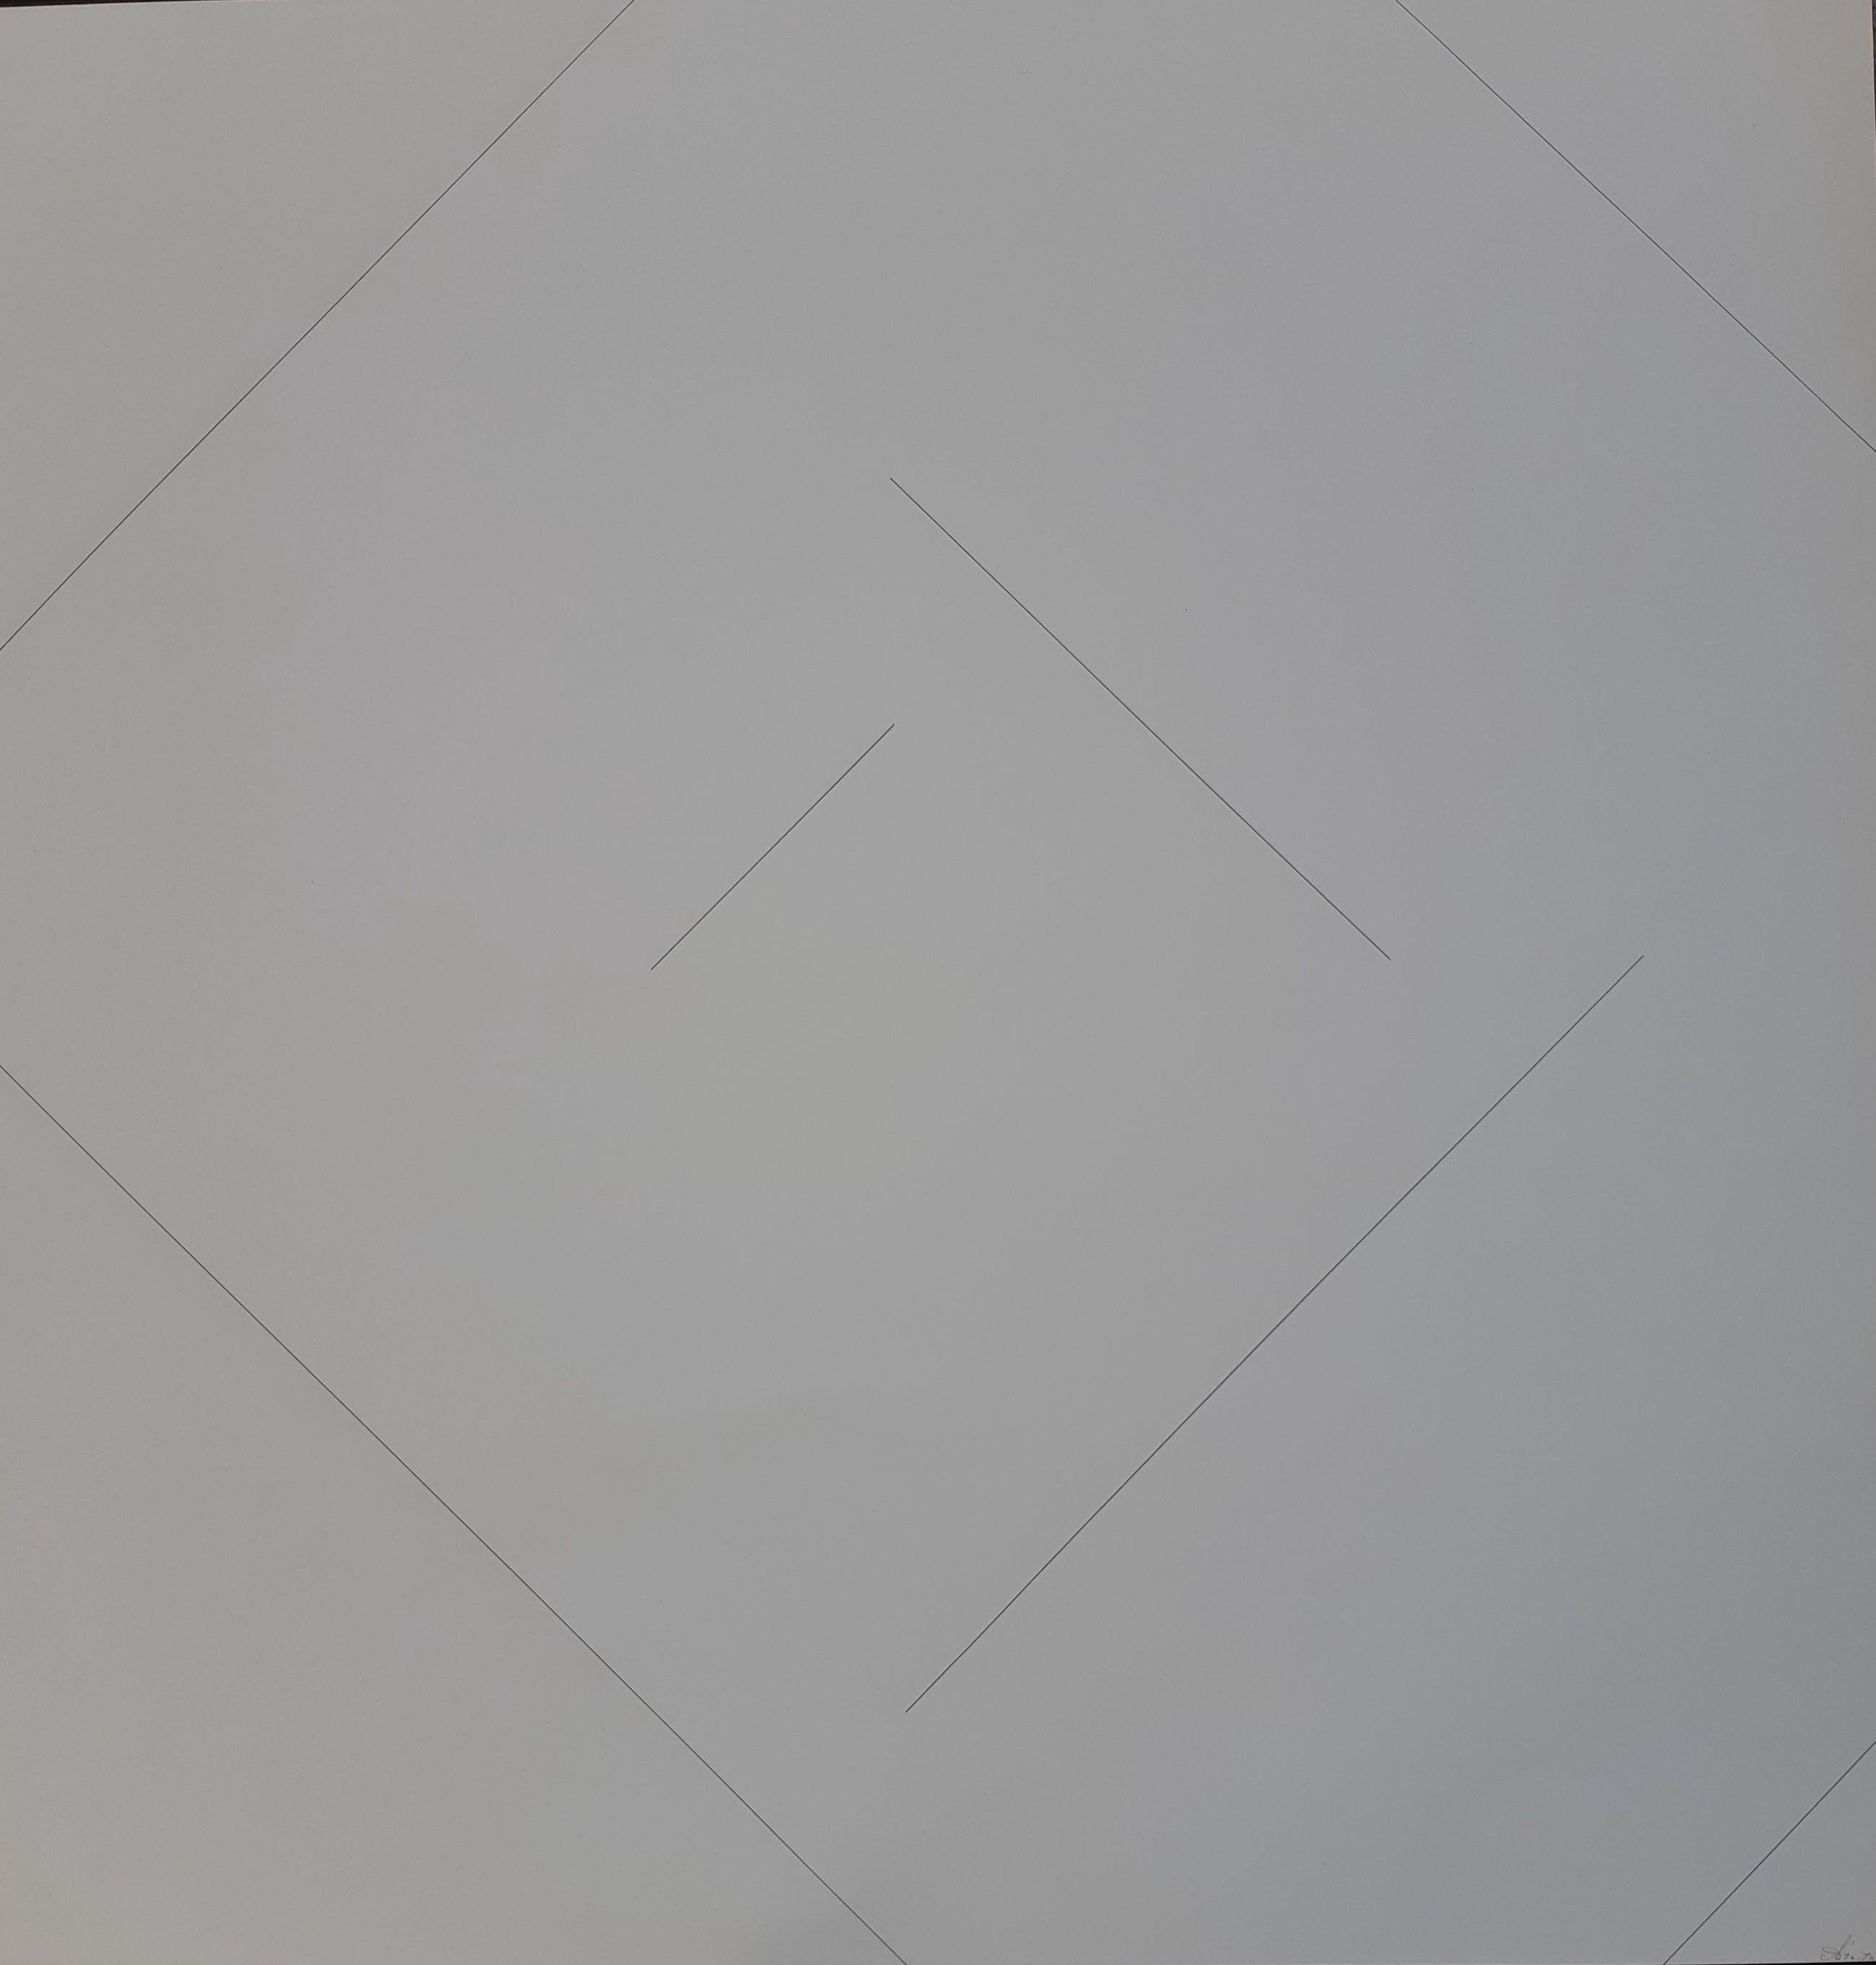 Ad Dekkers - Abstracte zeefdruk - Prent 190 kopen? Bied vanaf 125!